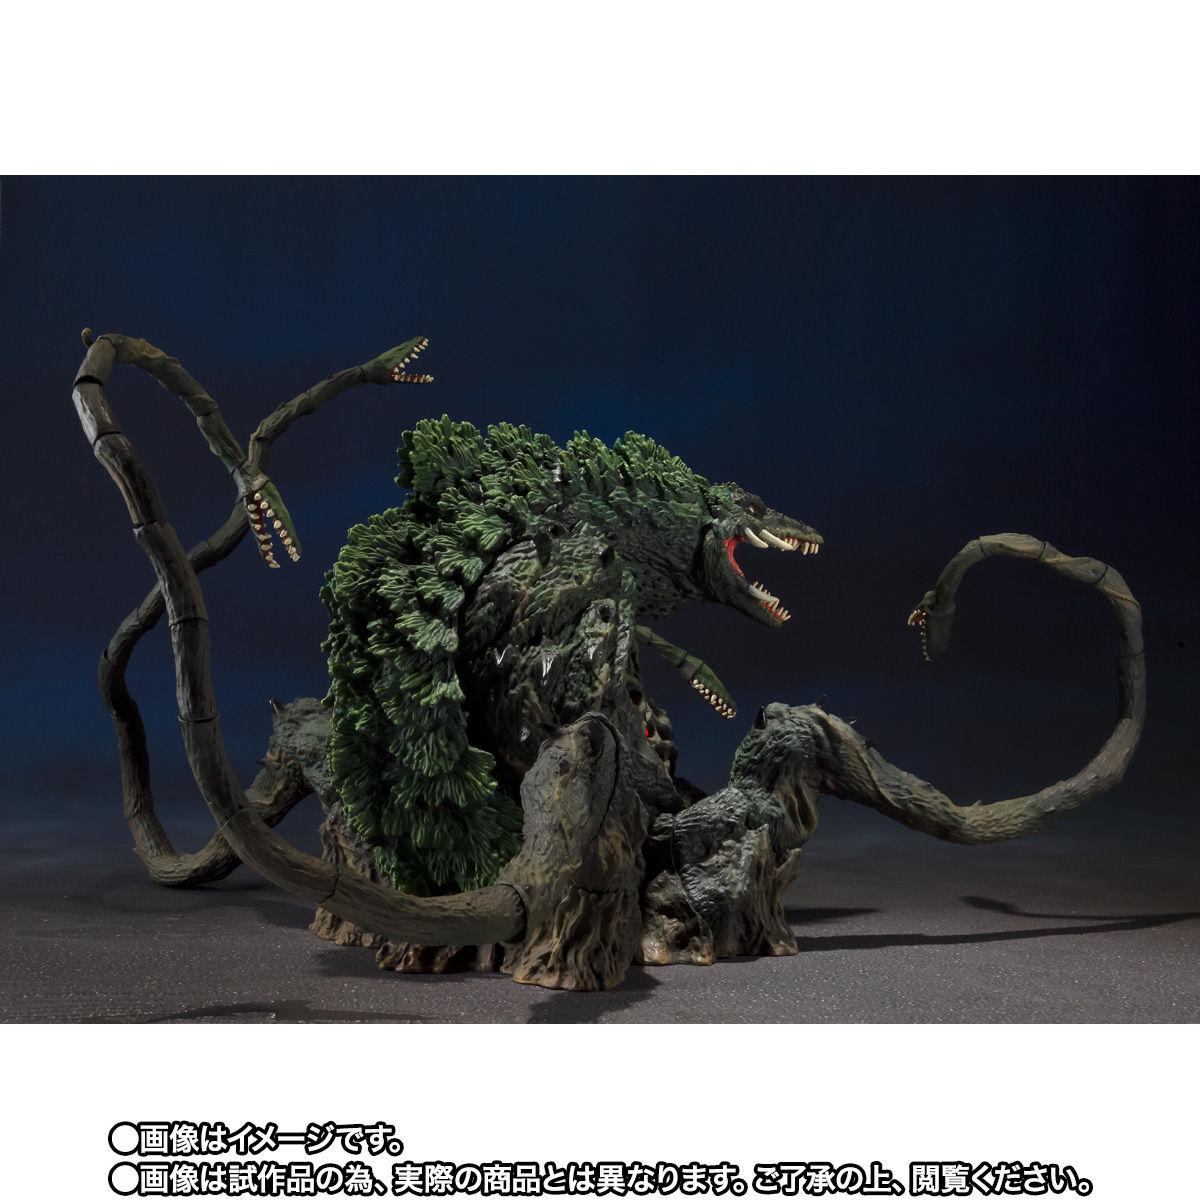 【限定販売】S.H.MonsterArts『ビオランテ Special Color Ver.』ゴジラvsビオランテ 可動フィギュア-007